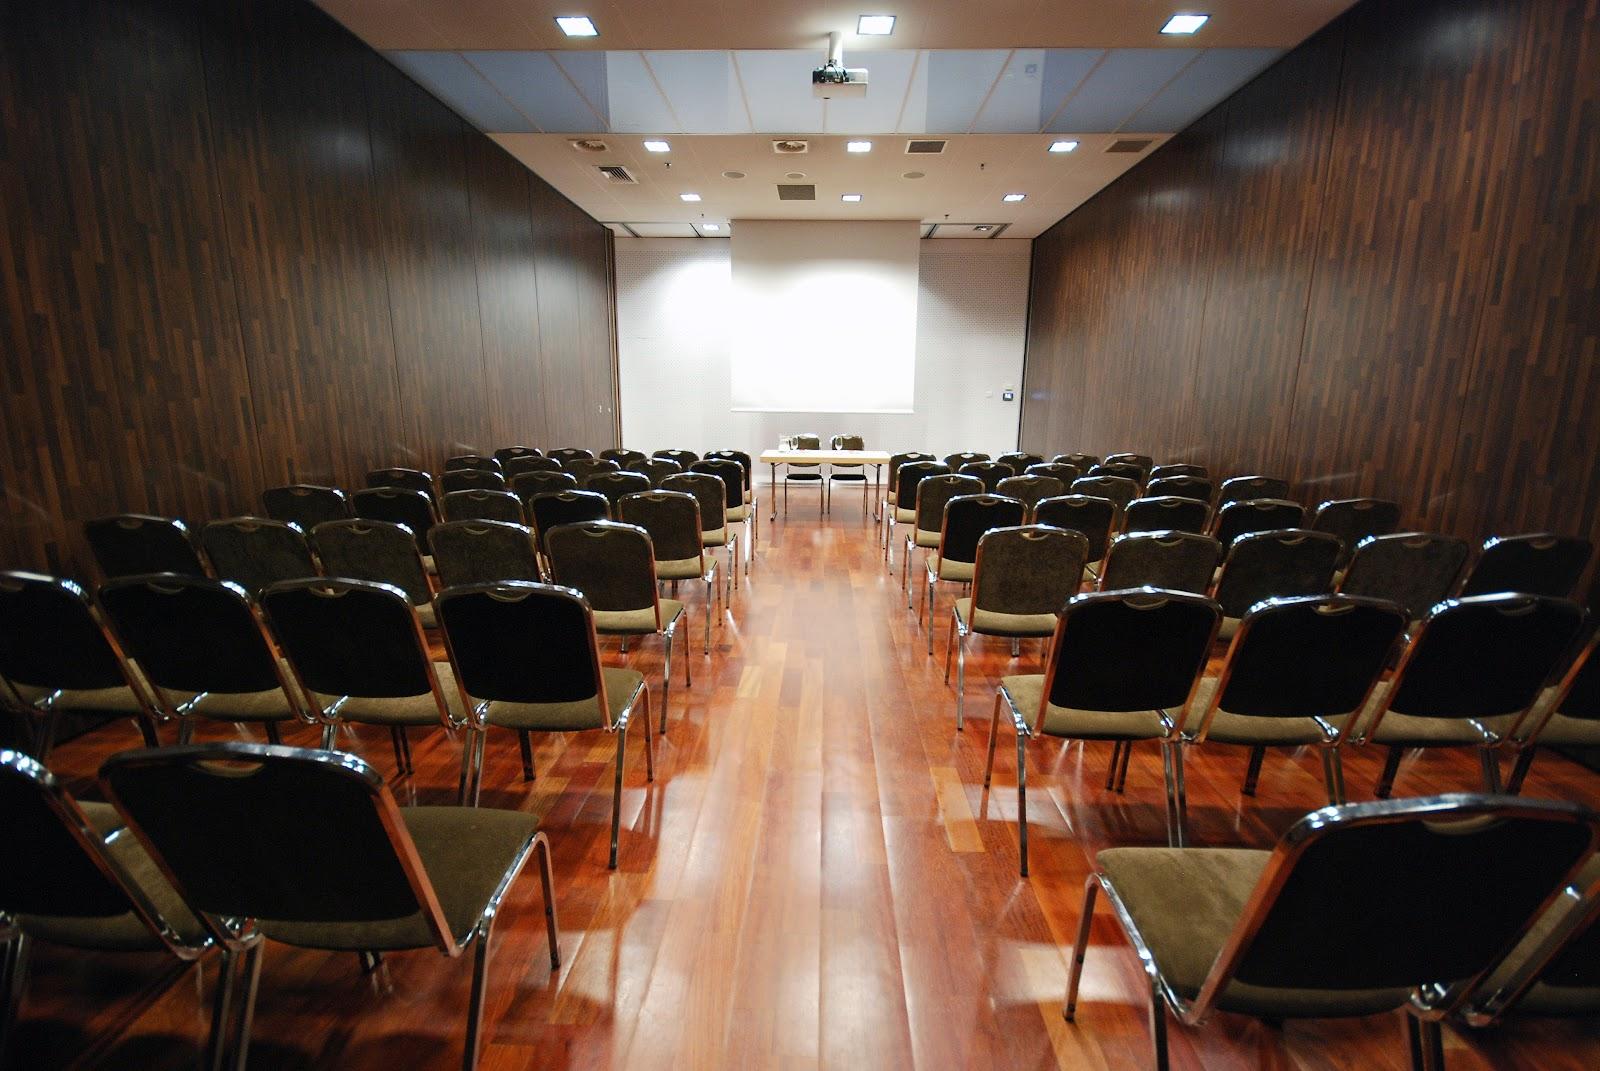 konferencje_Krakow_Best_Western_Premier_Rembrandt_teatr.JPG